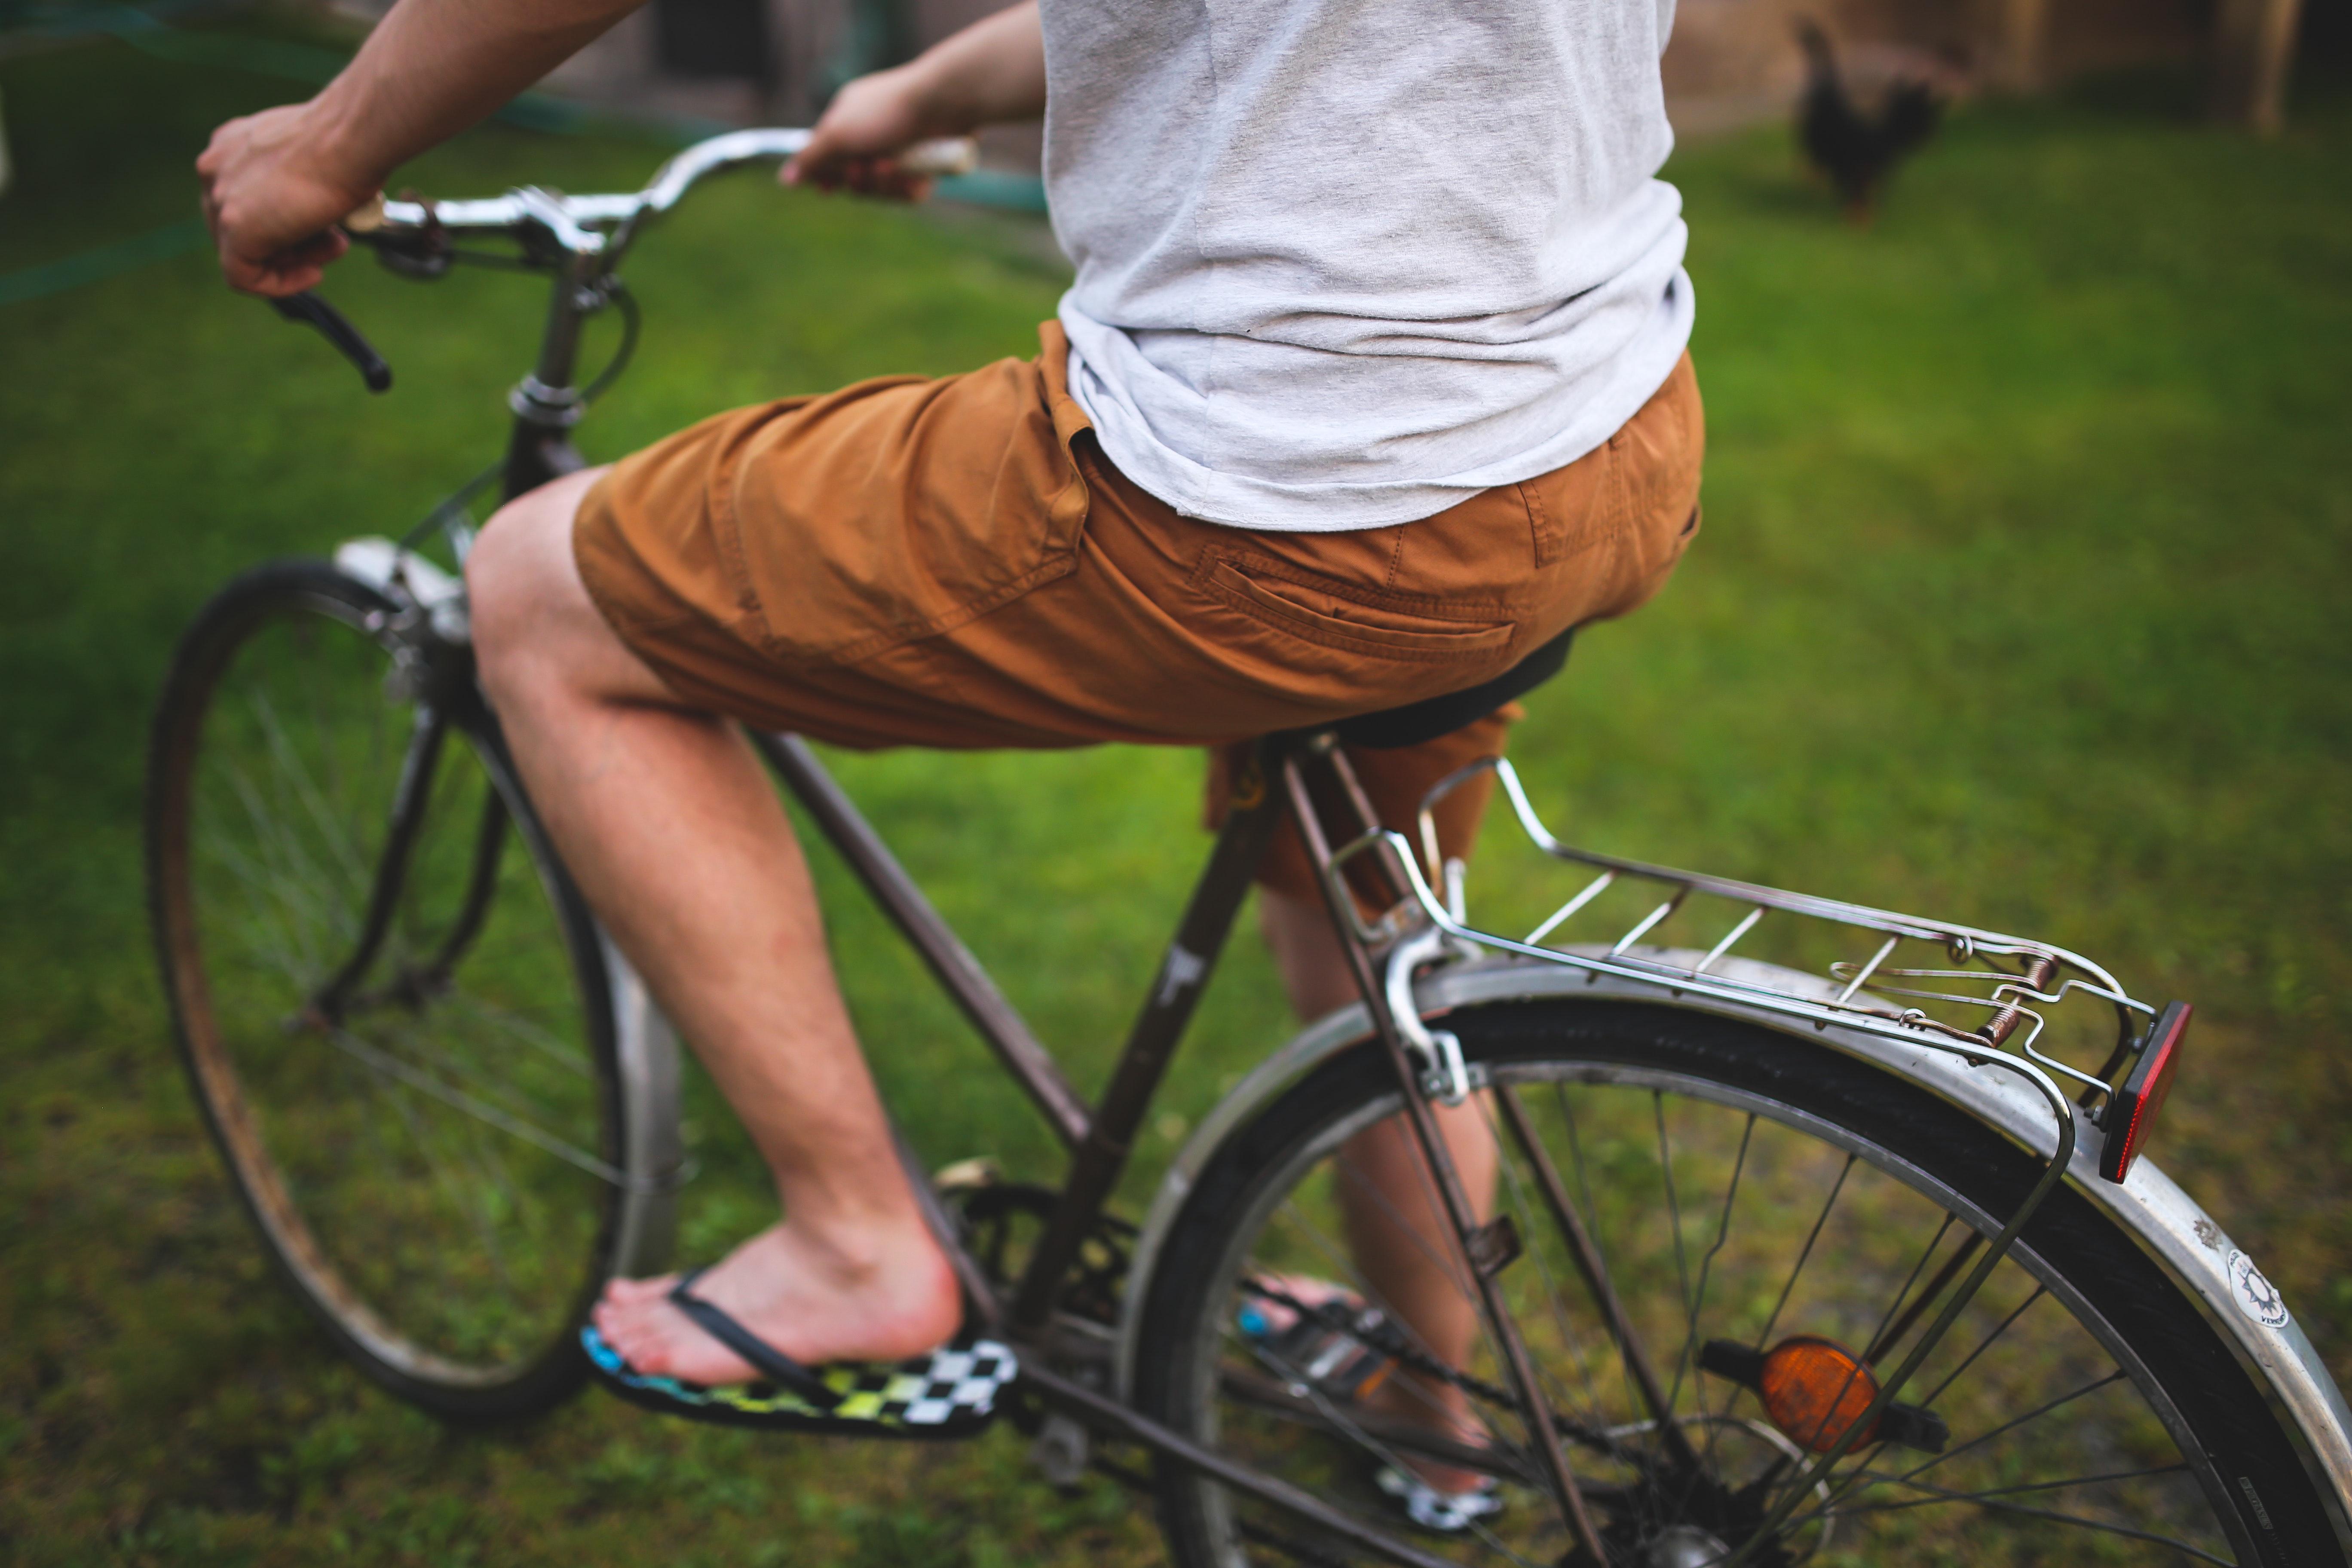 マラソンや登山のトレーニングに自転車がいいらしい1